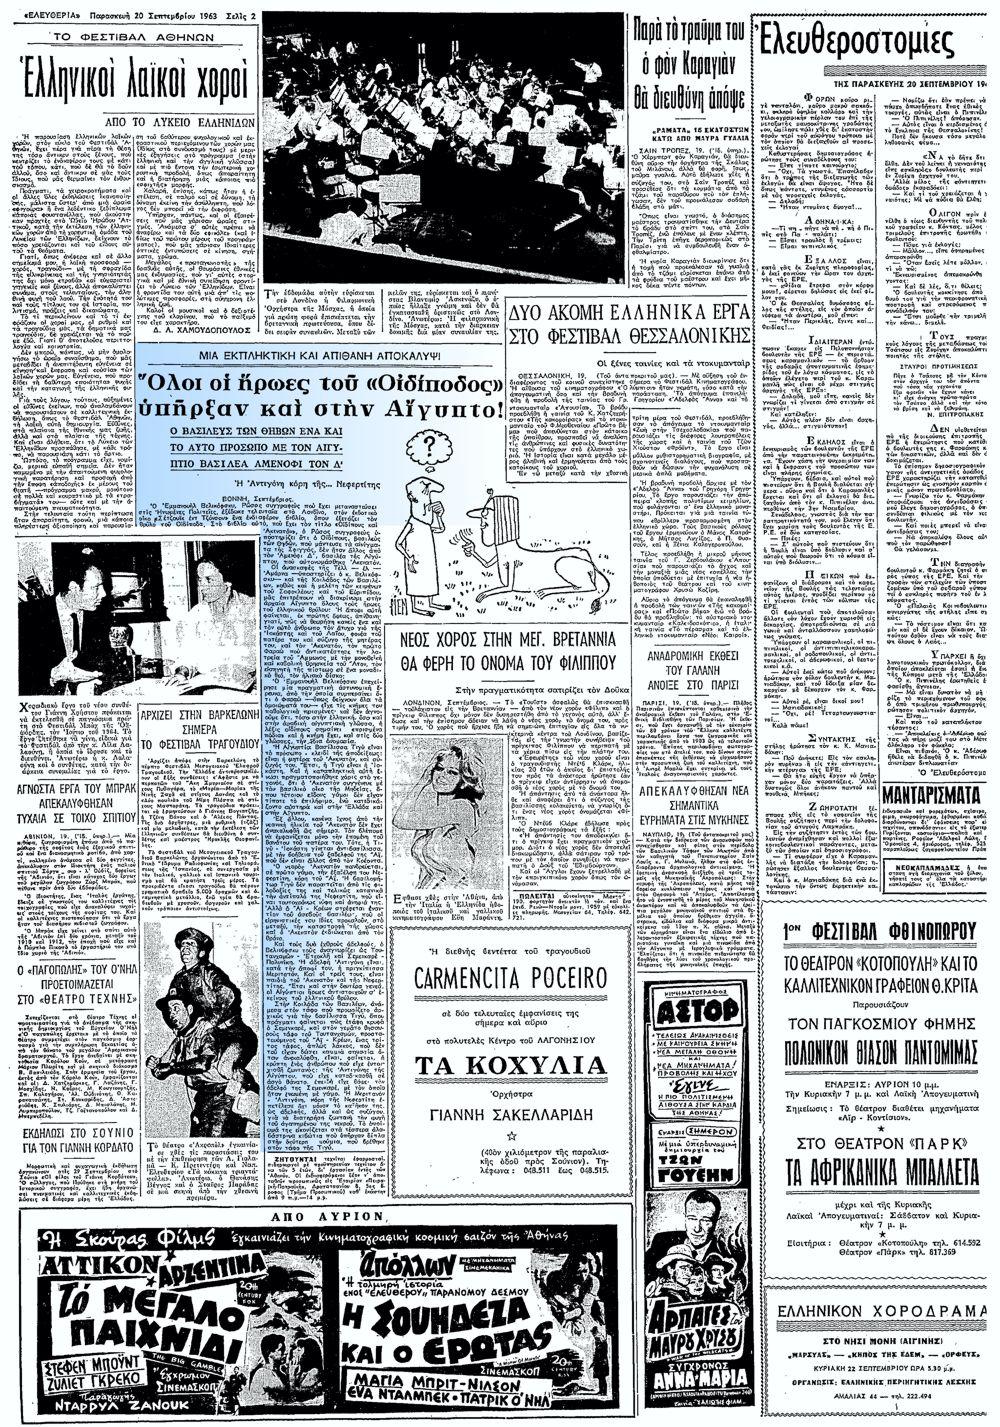 """Το άρθρο, όπως δημοσιεύθηκε στην εφημερίδα """"ΕΛΕΥΘΕΡΙΑ"""", στις 20/09/1963"""